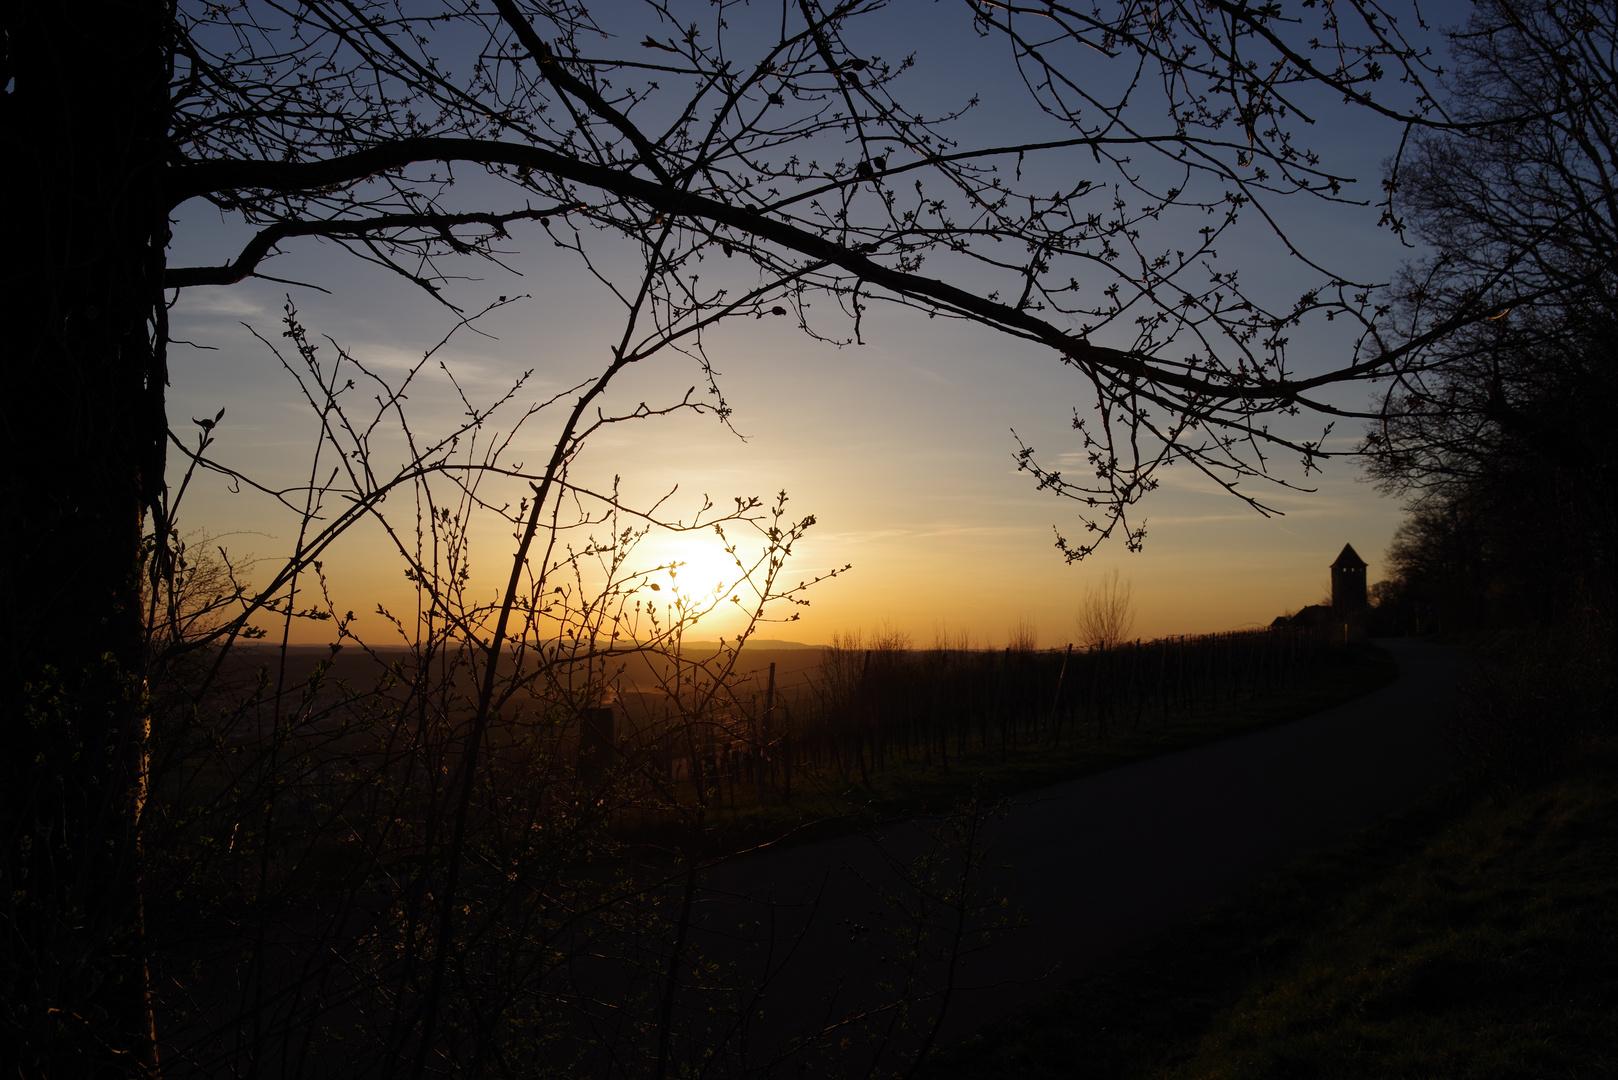 Sonnenuntergang bei der Burg Lichtenberg